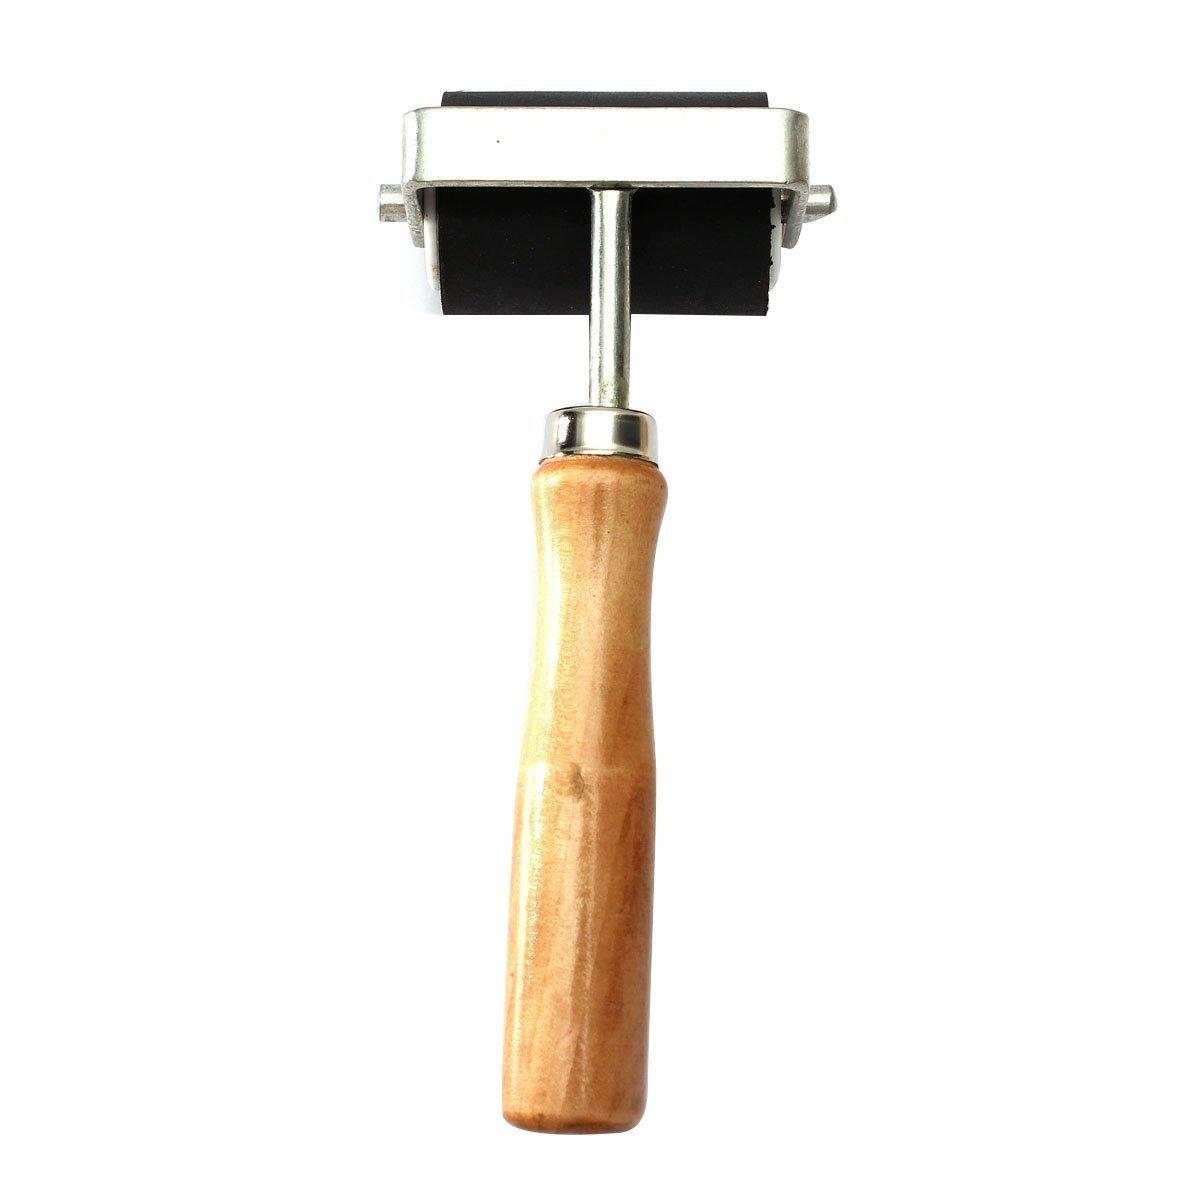 Roller de tintas - SODIAL(R)5 cm caucho duro del rodillo de impresion tintas de altas prestaciones herramienta de artesania TOOGOO SHOMAGT33536